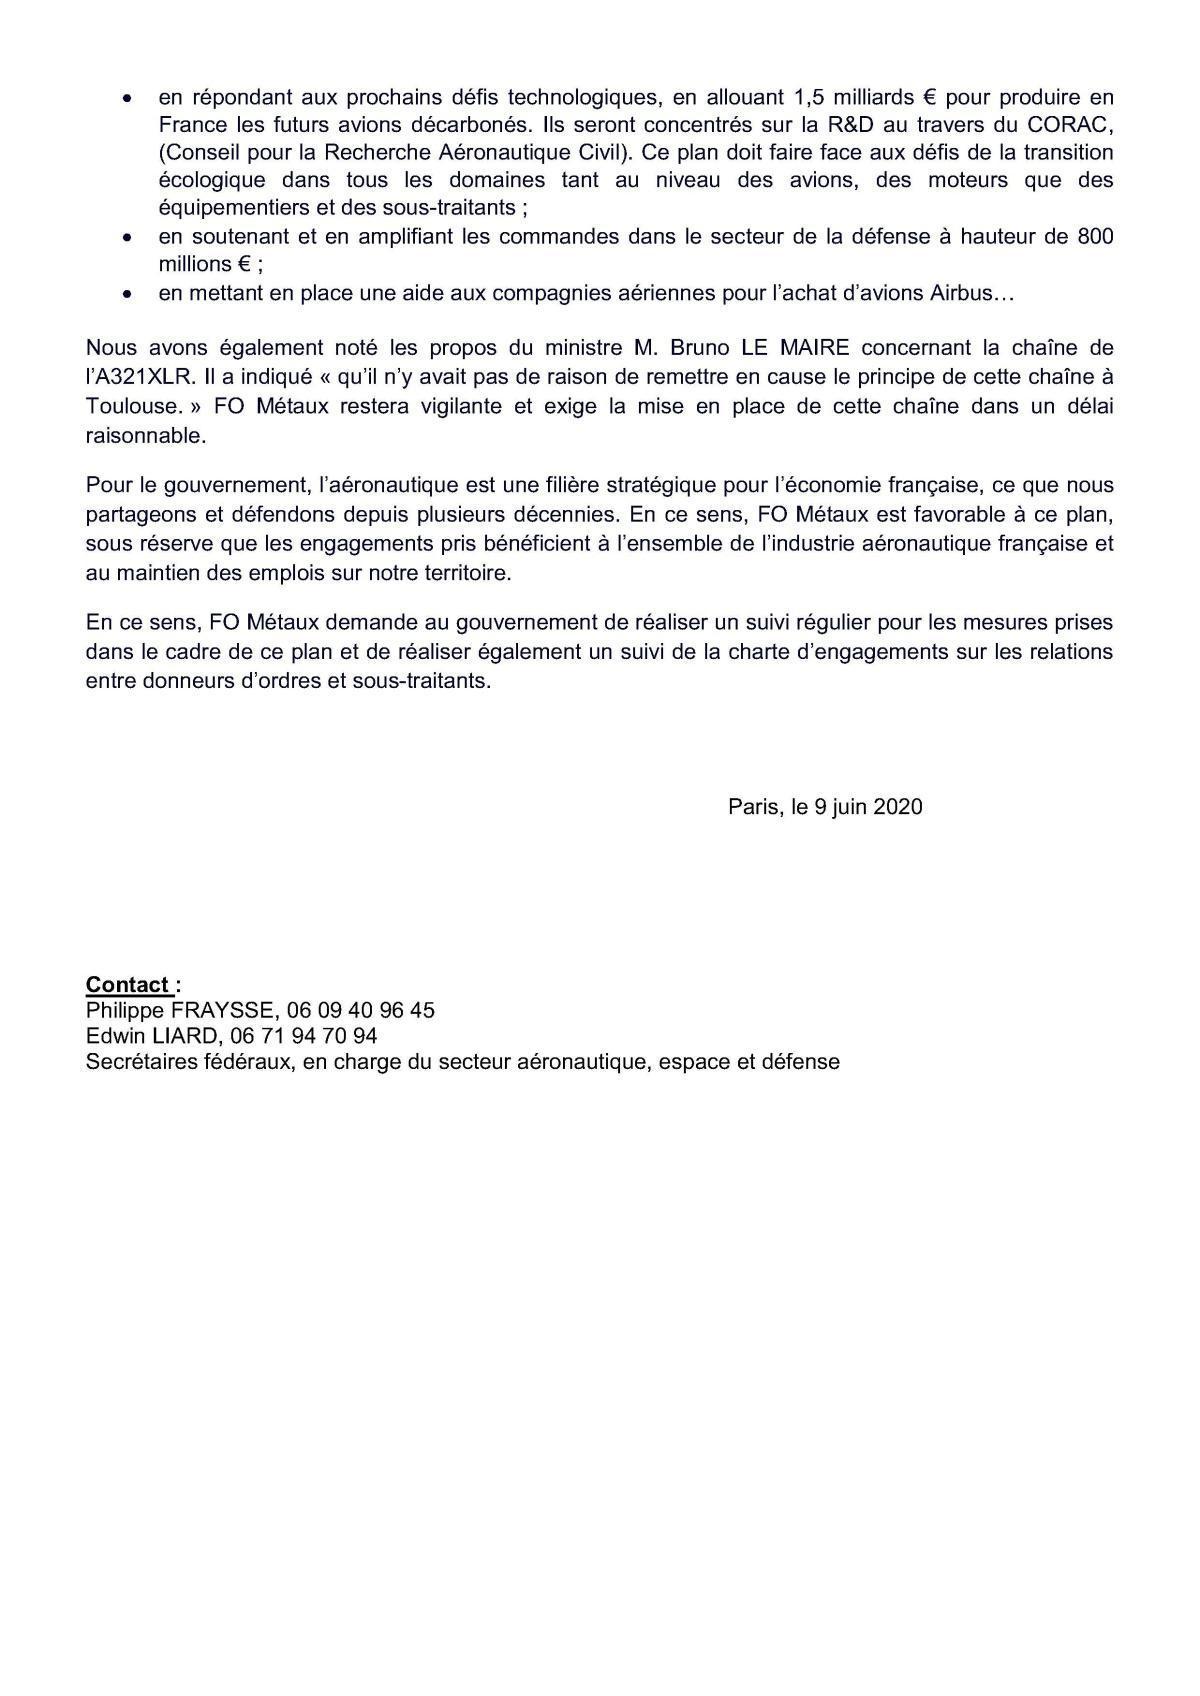 FO METAUX favorable sur la partie industrielle du plan de soutien à l'aéronautique